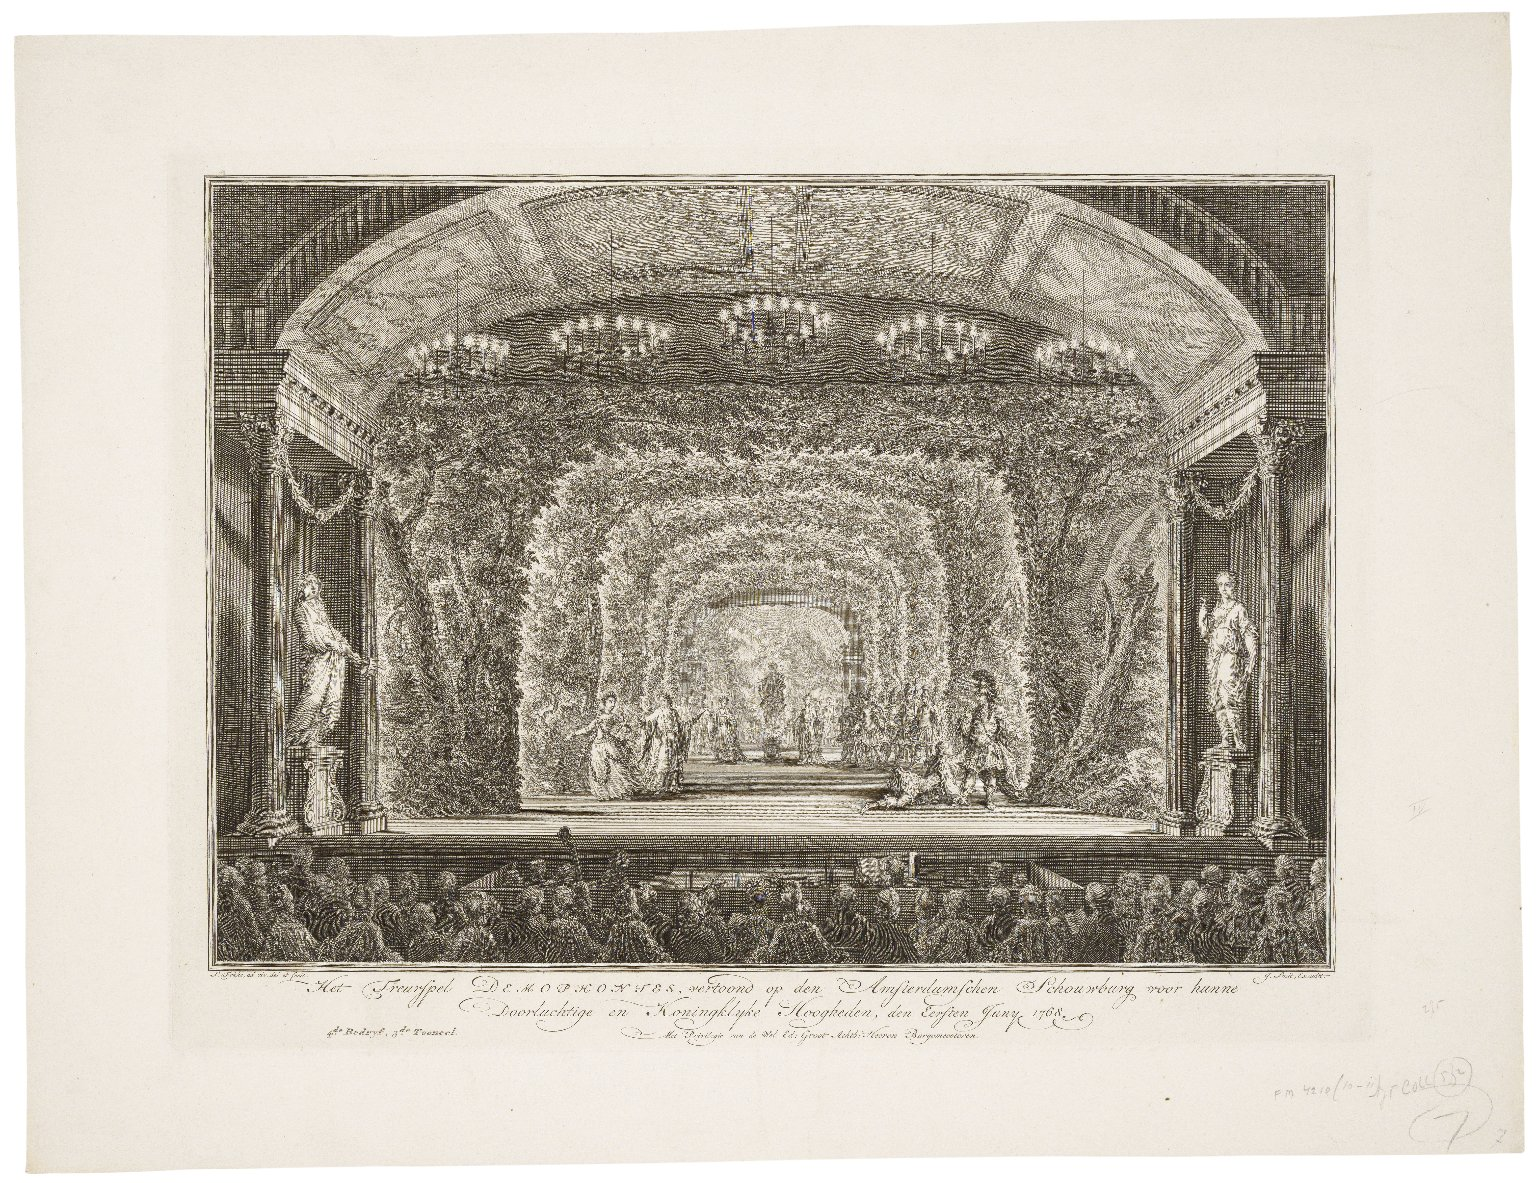 Het treurspel Demophontes, vertoond op den Amsterdamschen Schouwburg voor hunne doorluchtige en Koninglyke Hoogheden, den eersten Juny, 1768 [graphic] / S. Fokke, ad viv. del. et fecit.